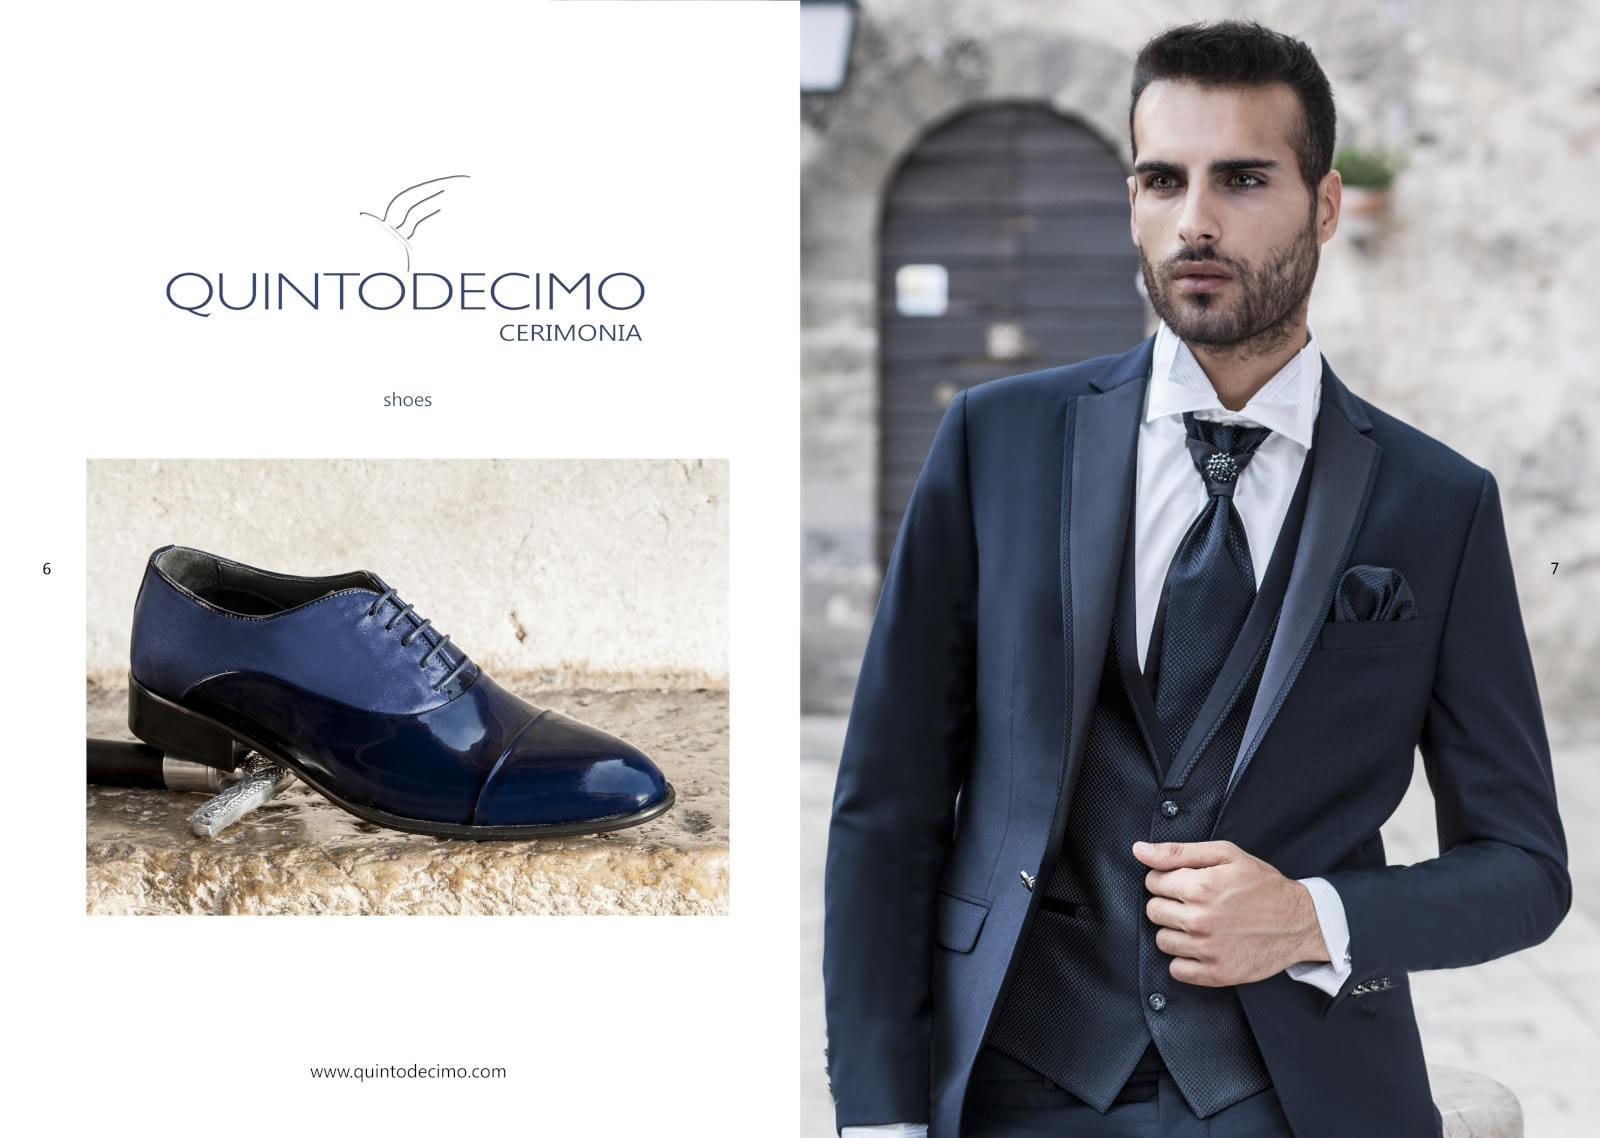 Decimo Beautiful Cerimonia Di Alta Quinto Sposi Moda Barbera 8nPX0wNOkZ